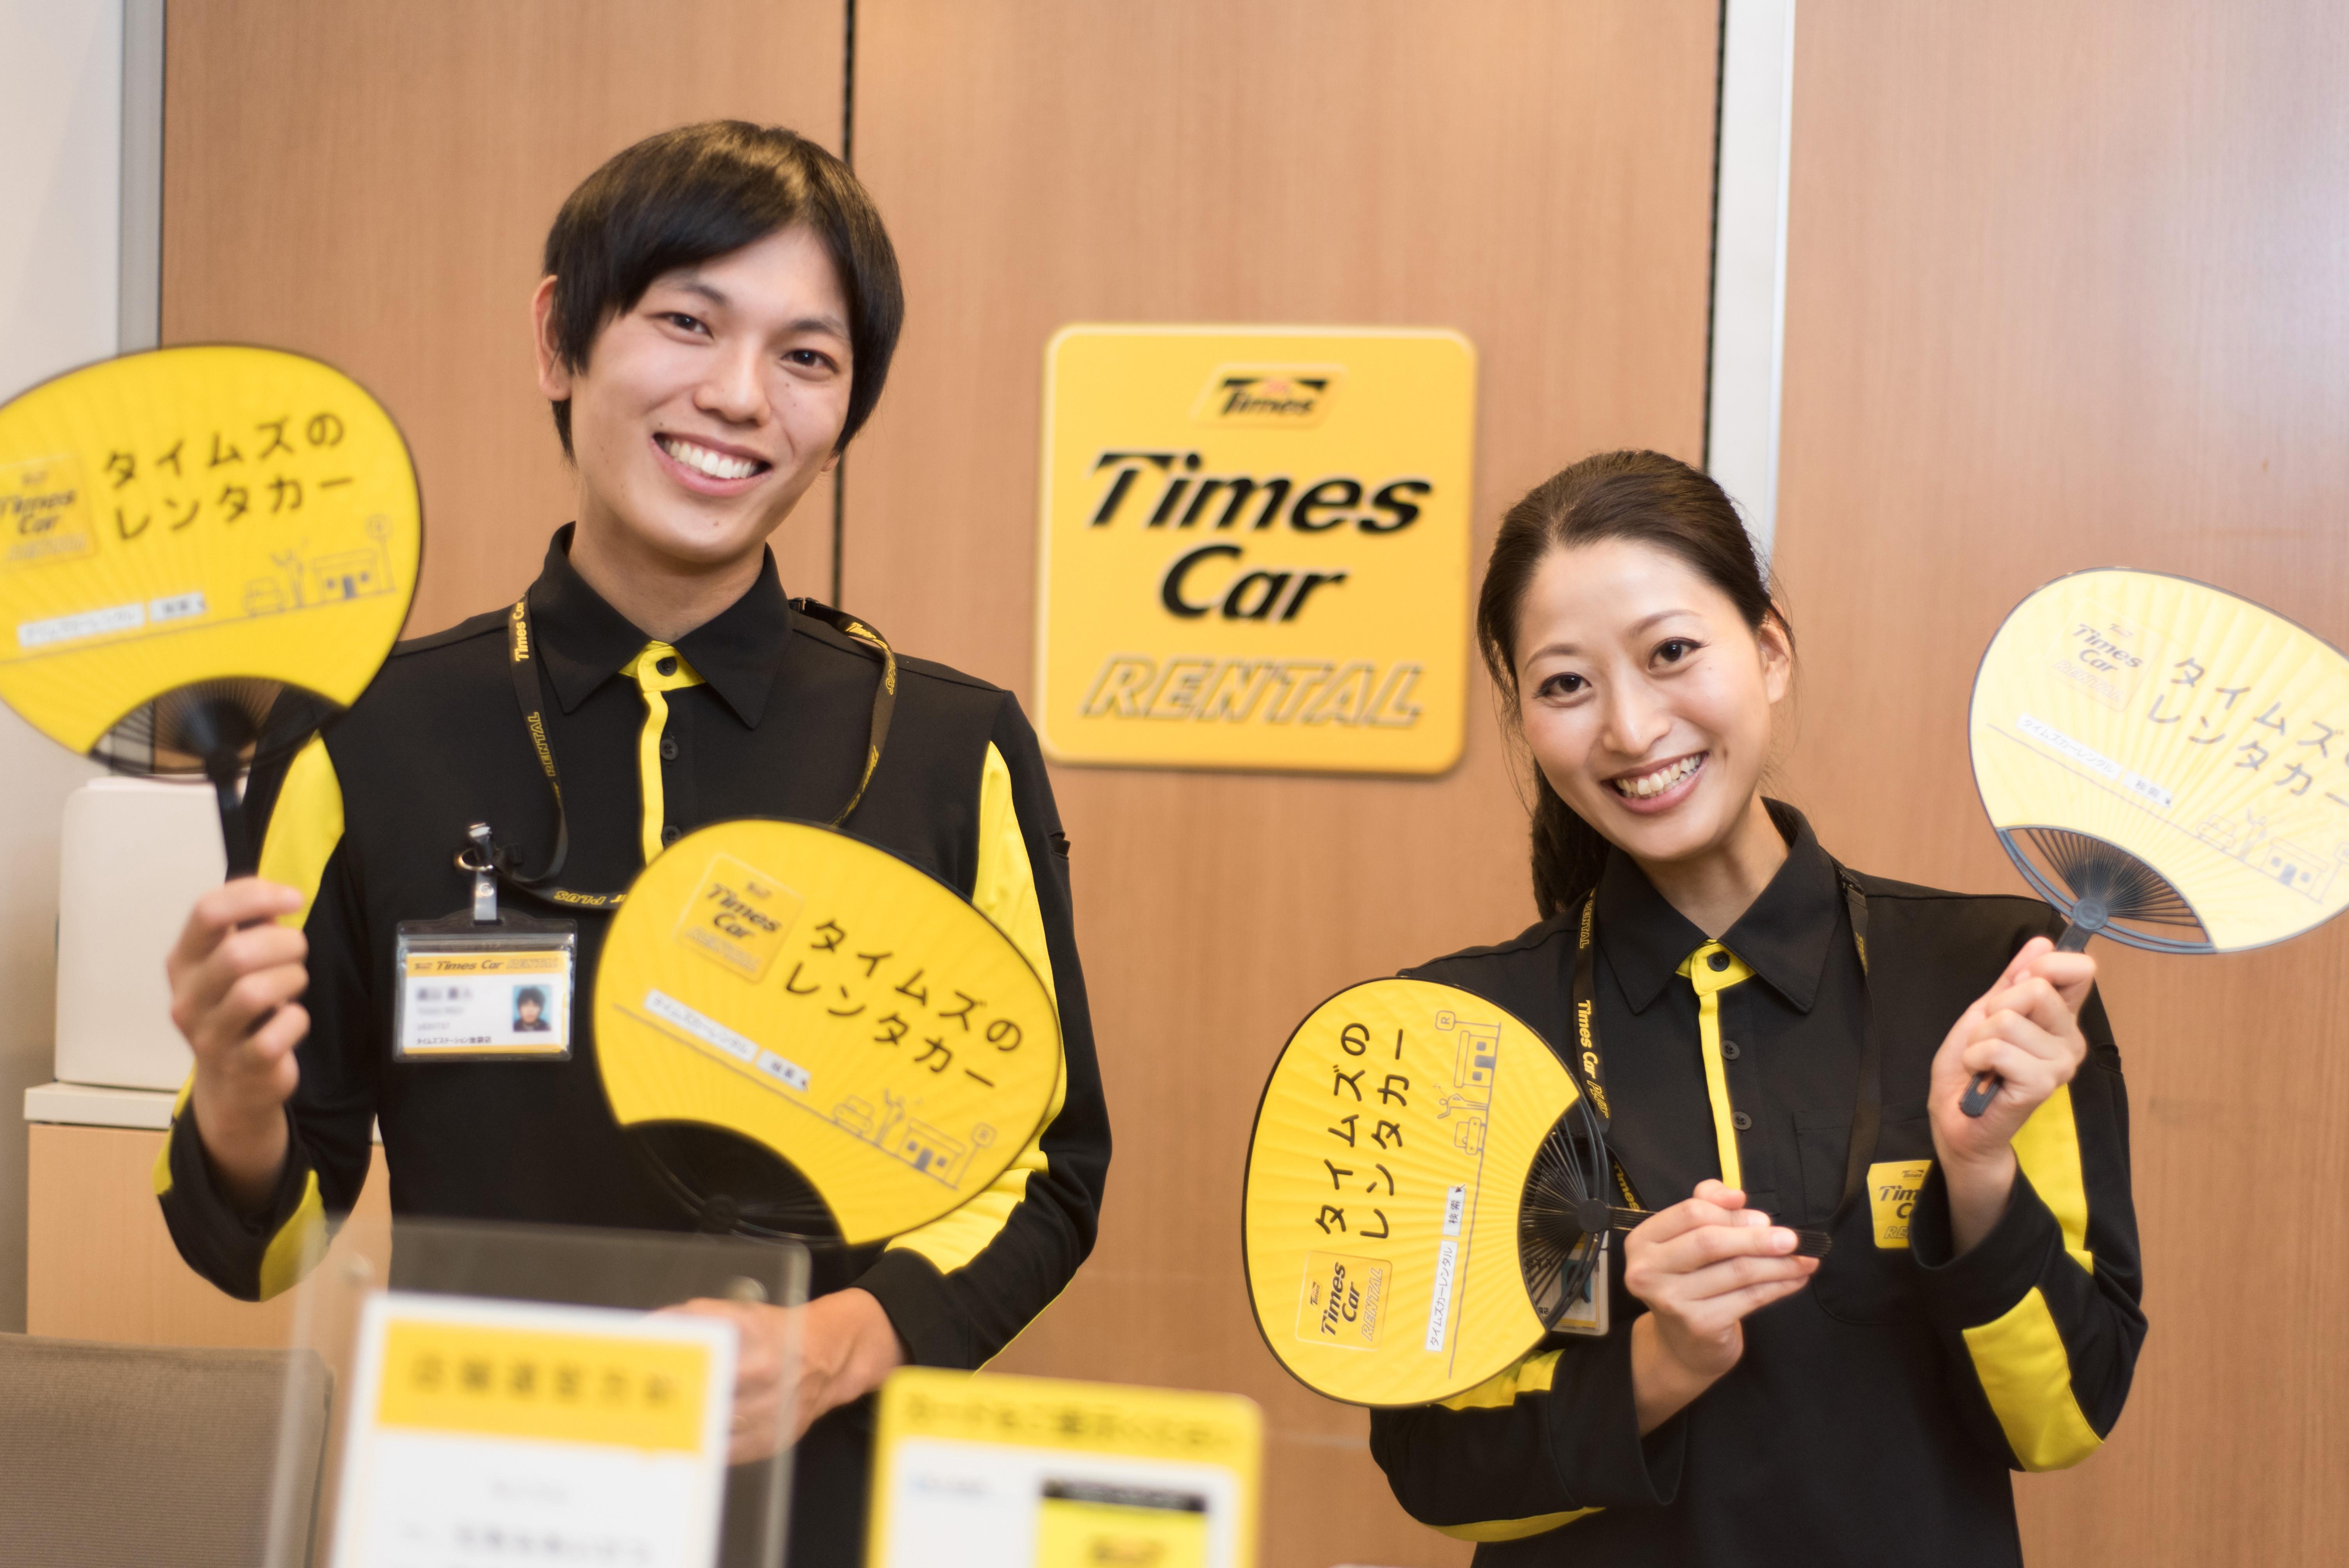 タイムズカーレンタル 新小岩駅前店 のアルバイト情報